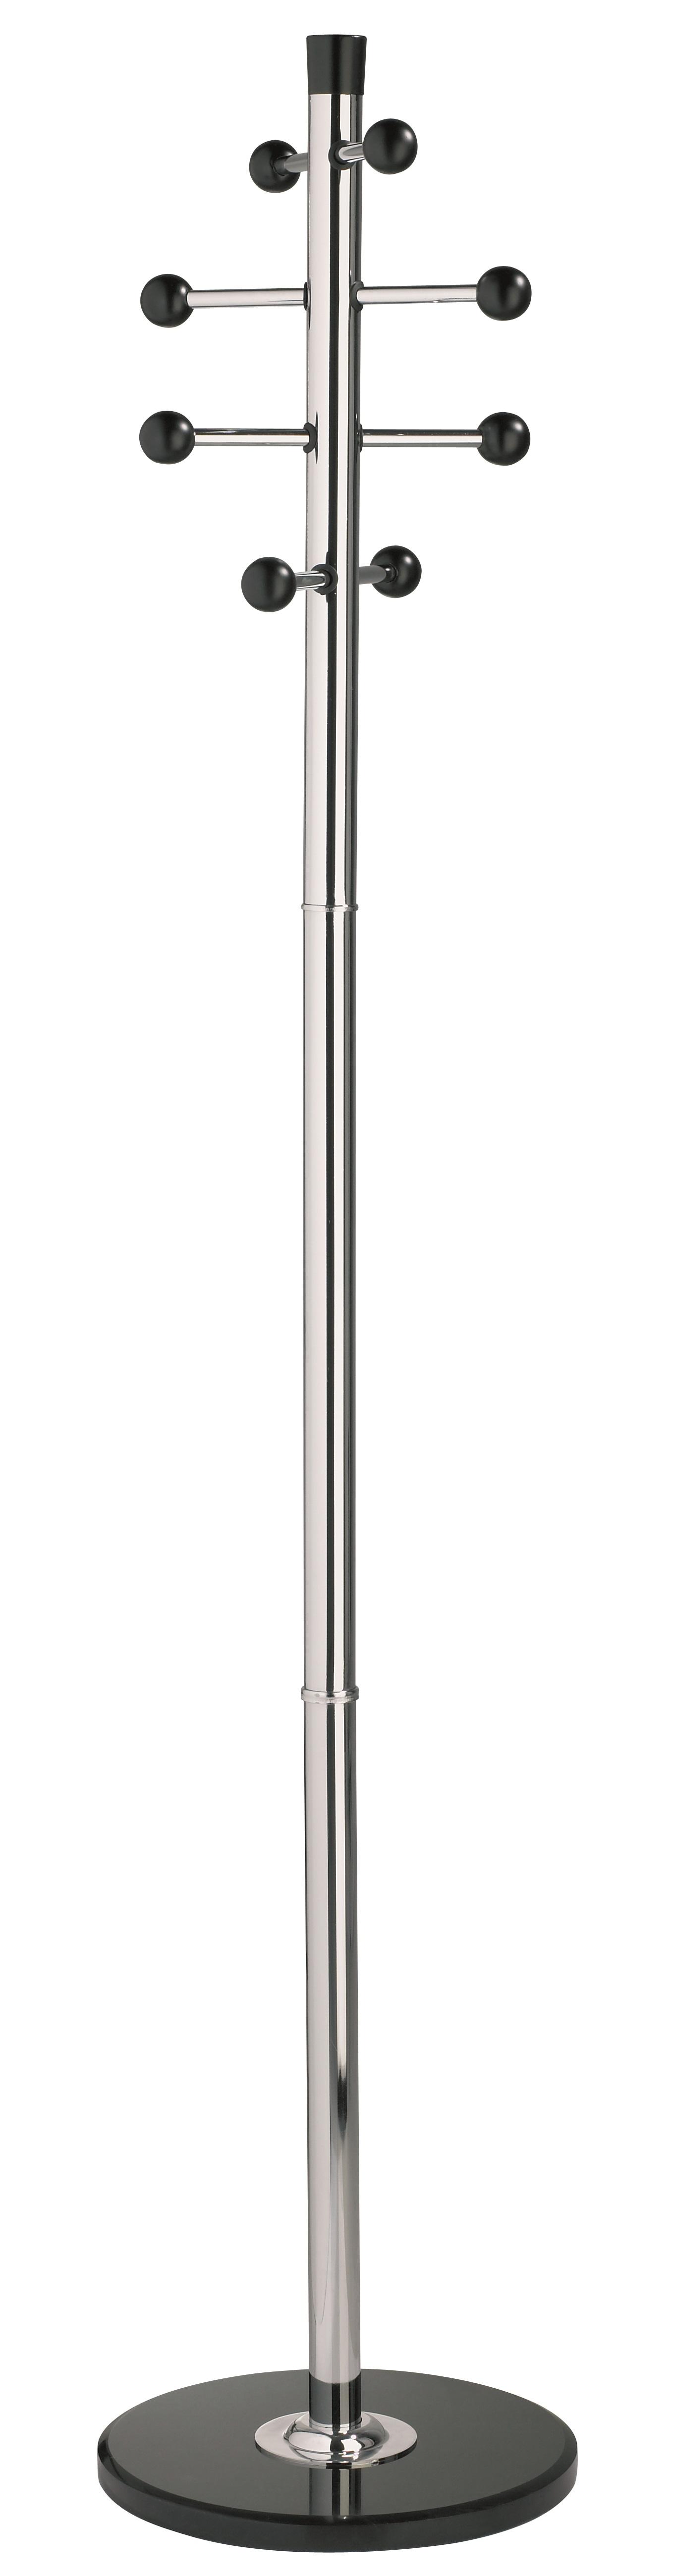 Cuier metalic argintiu ALCO, 175/38cm, 8 agatarori metalice cu accesorii din lemn, suport umbrele